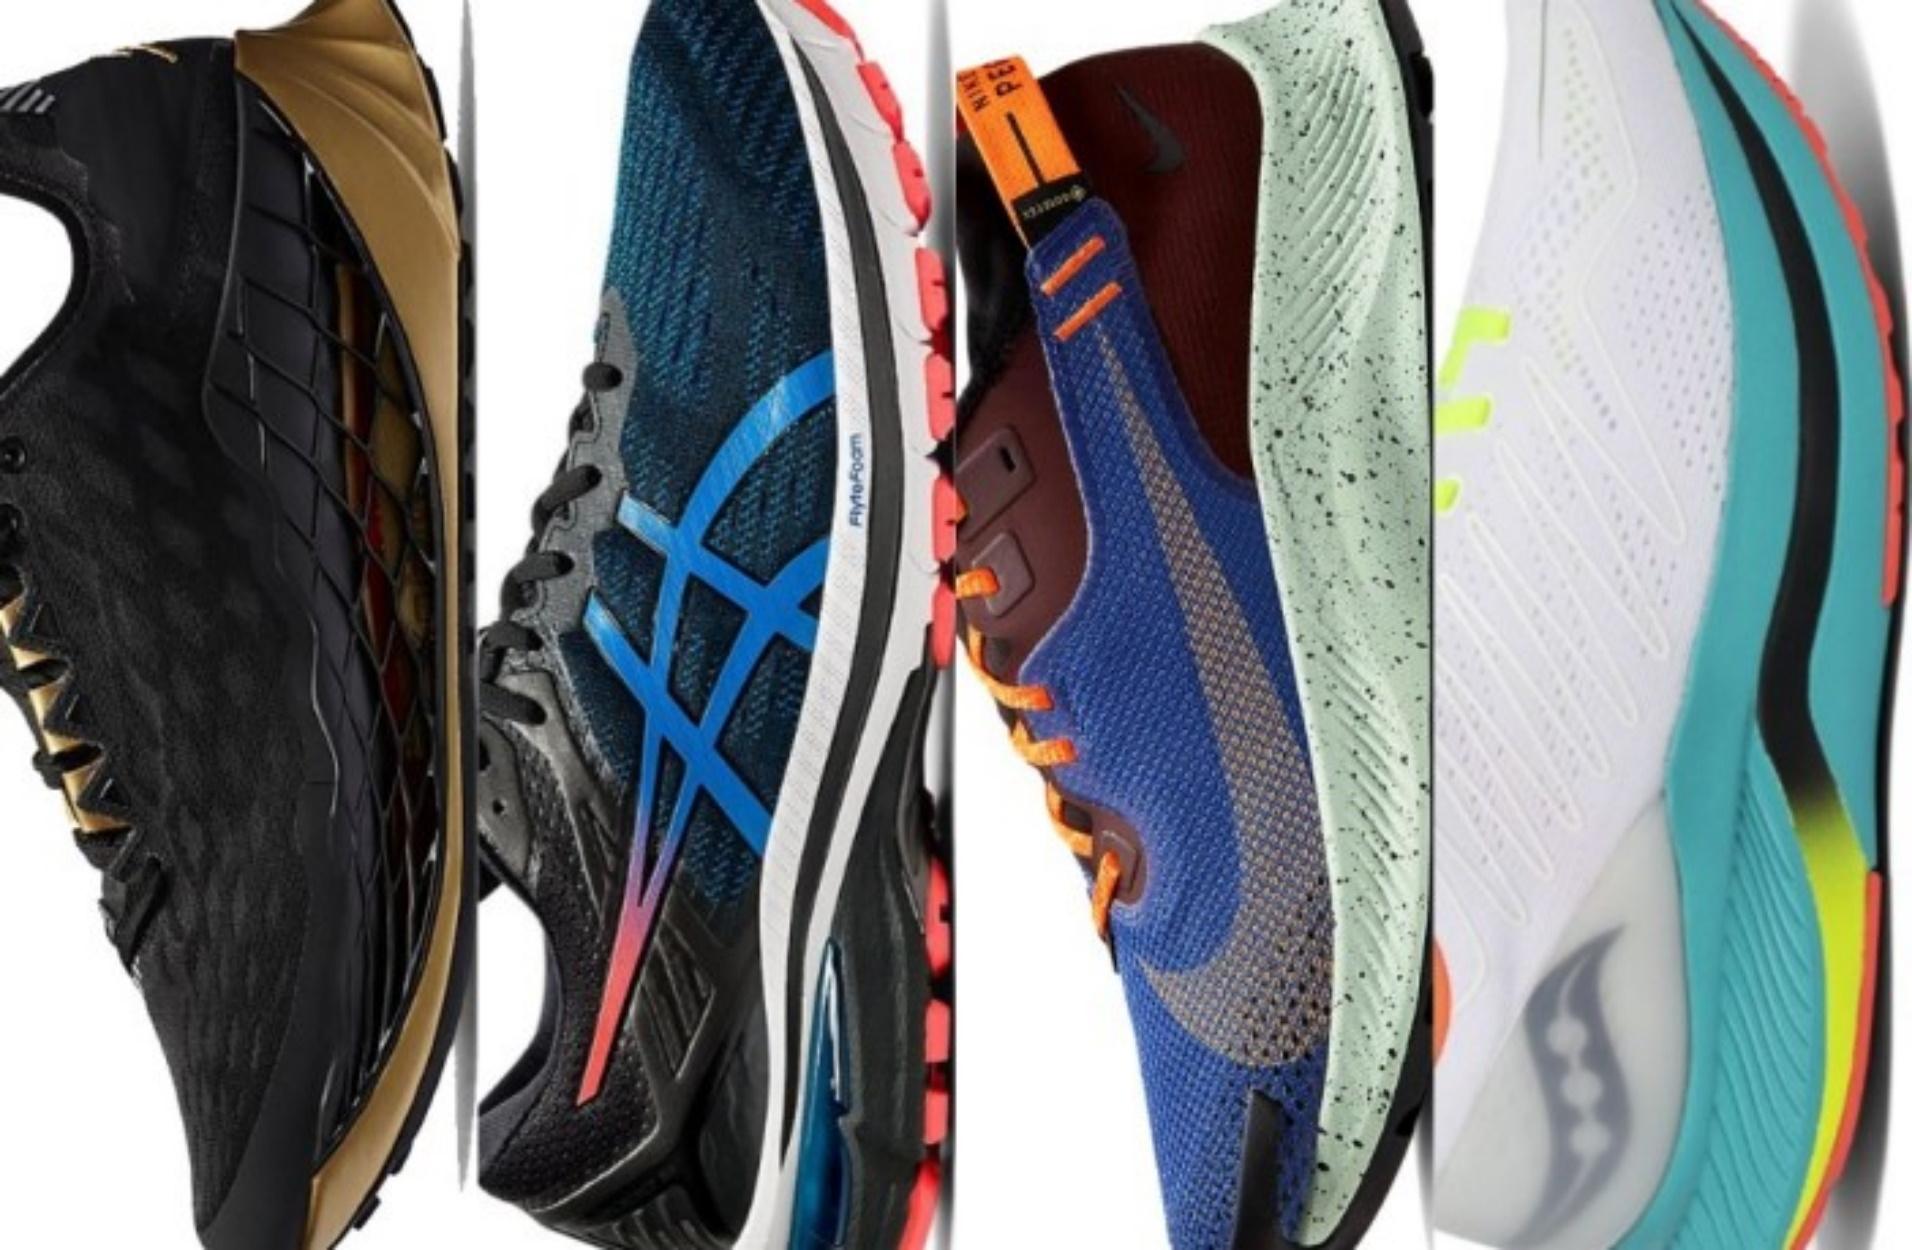 Τα 50 καλύτερα παπούτσια για τρέξιμο που κυκλοφορούν αυτή την στιγμή!